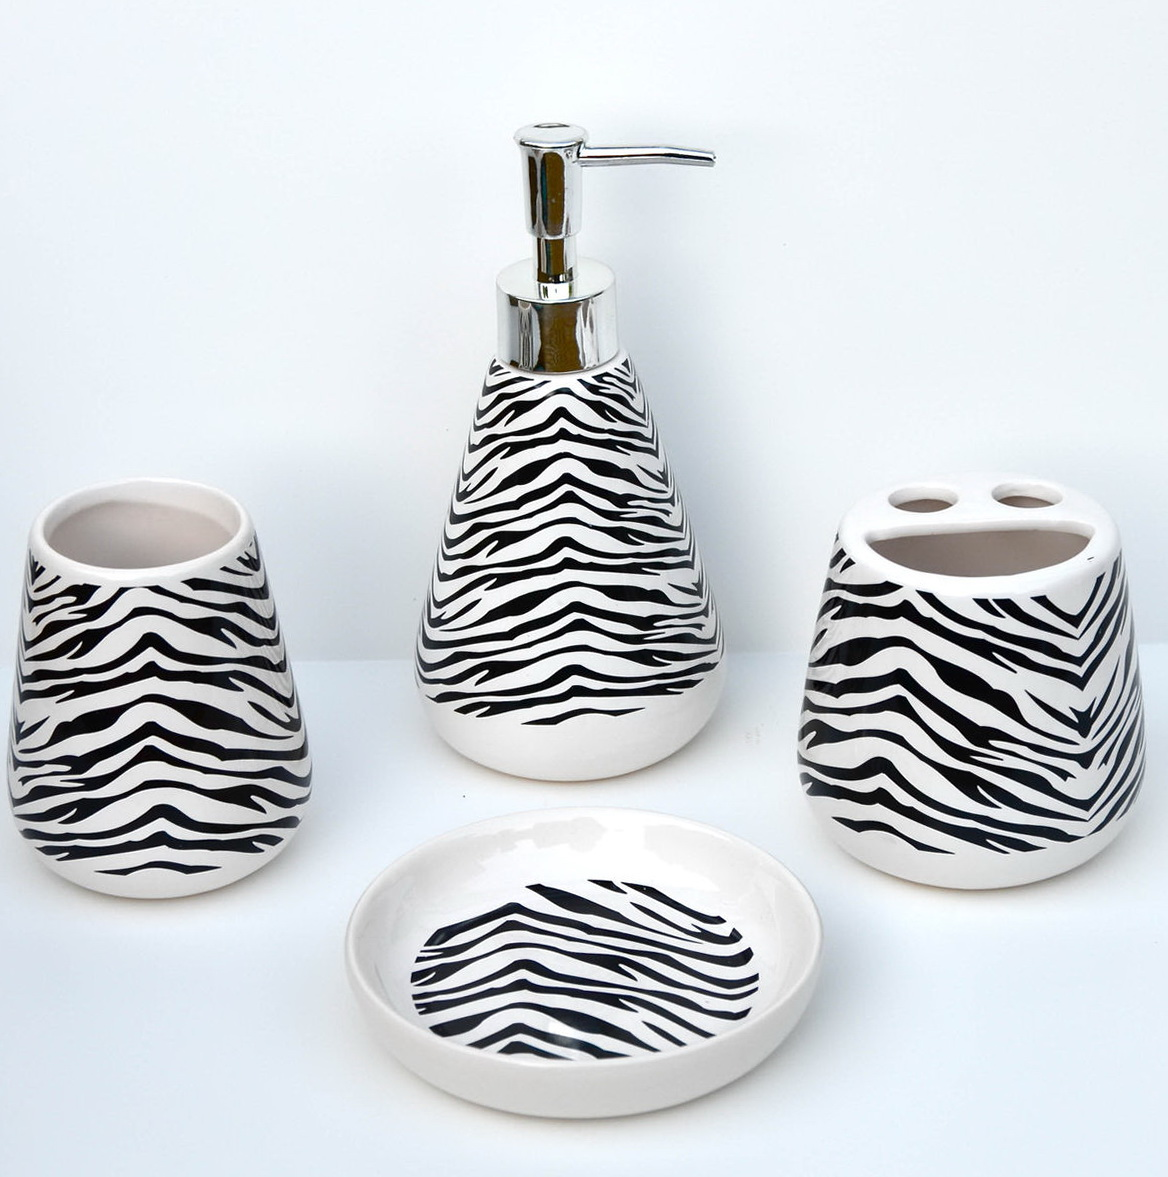 Bathroom Accessories Set White Ceramic